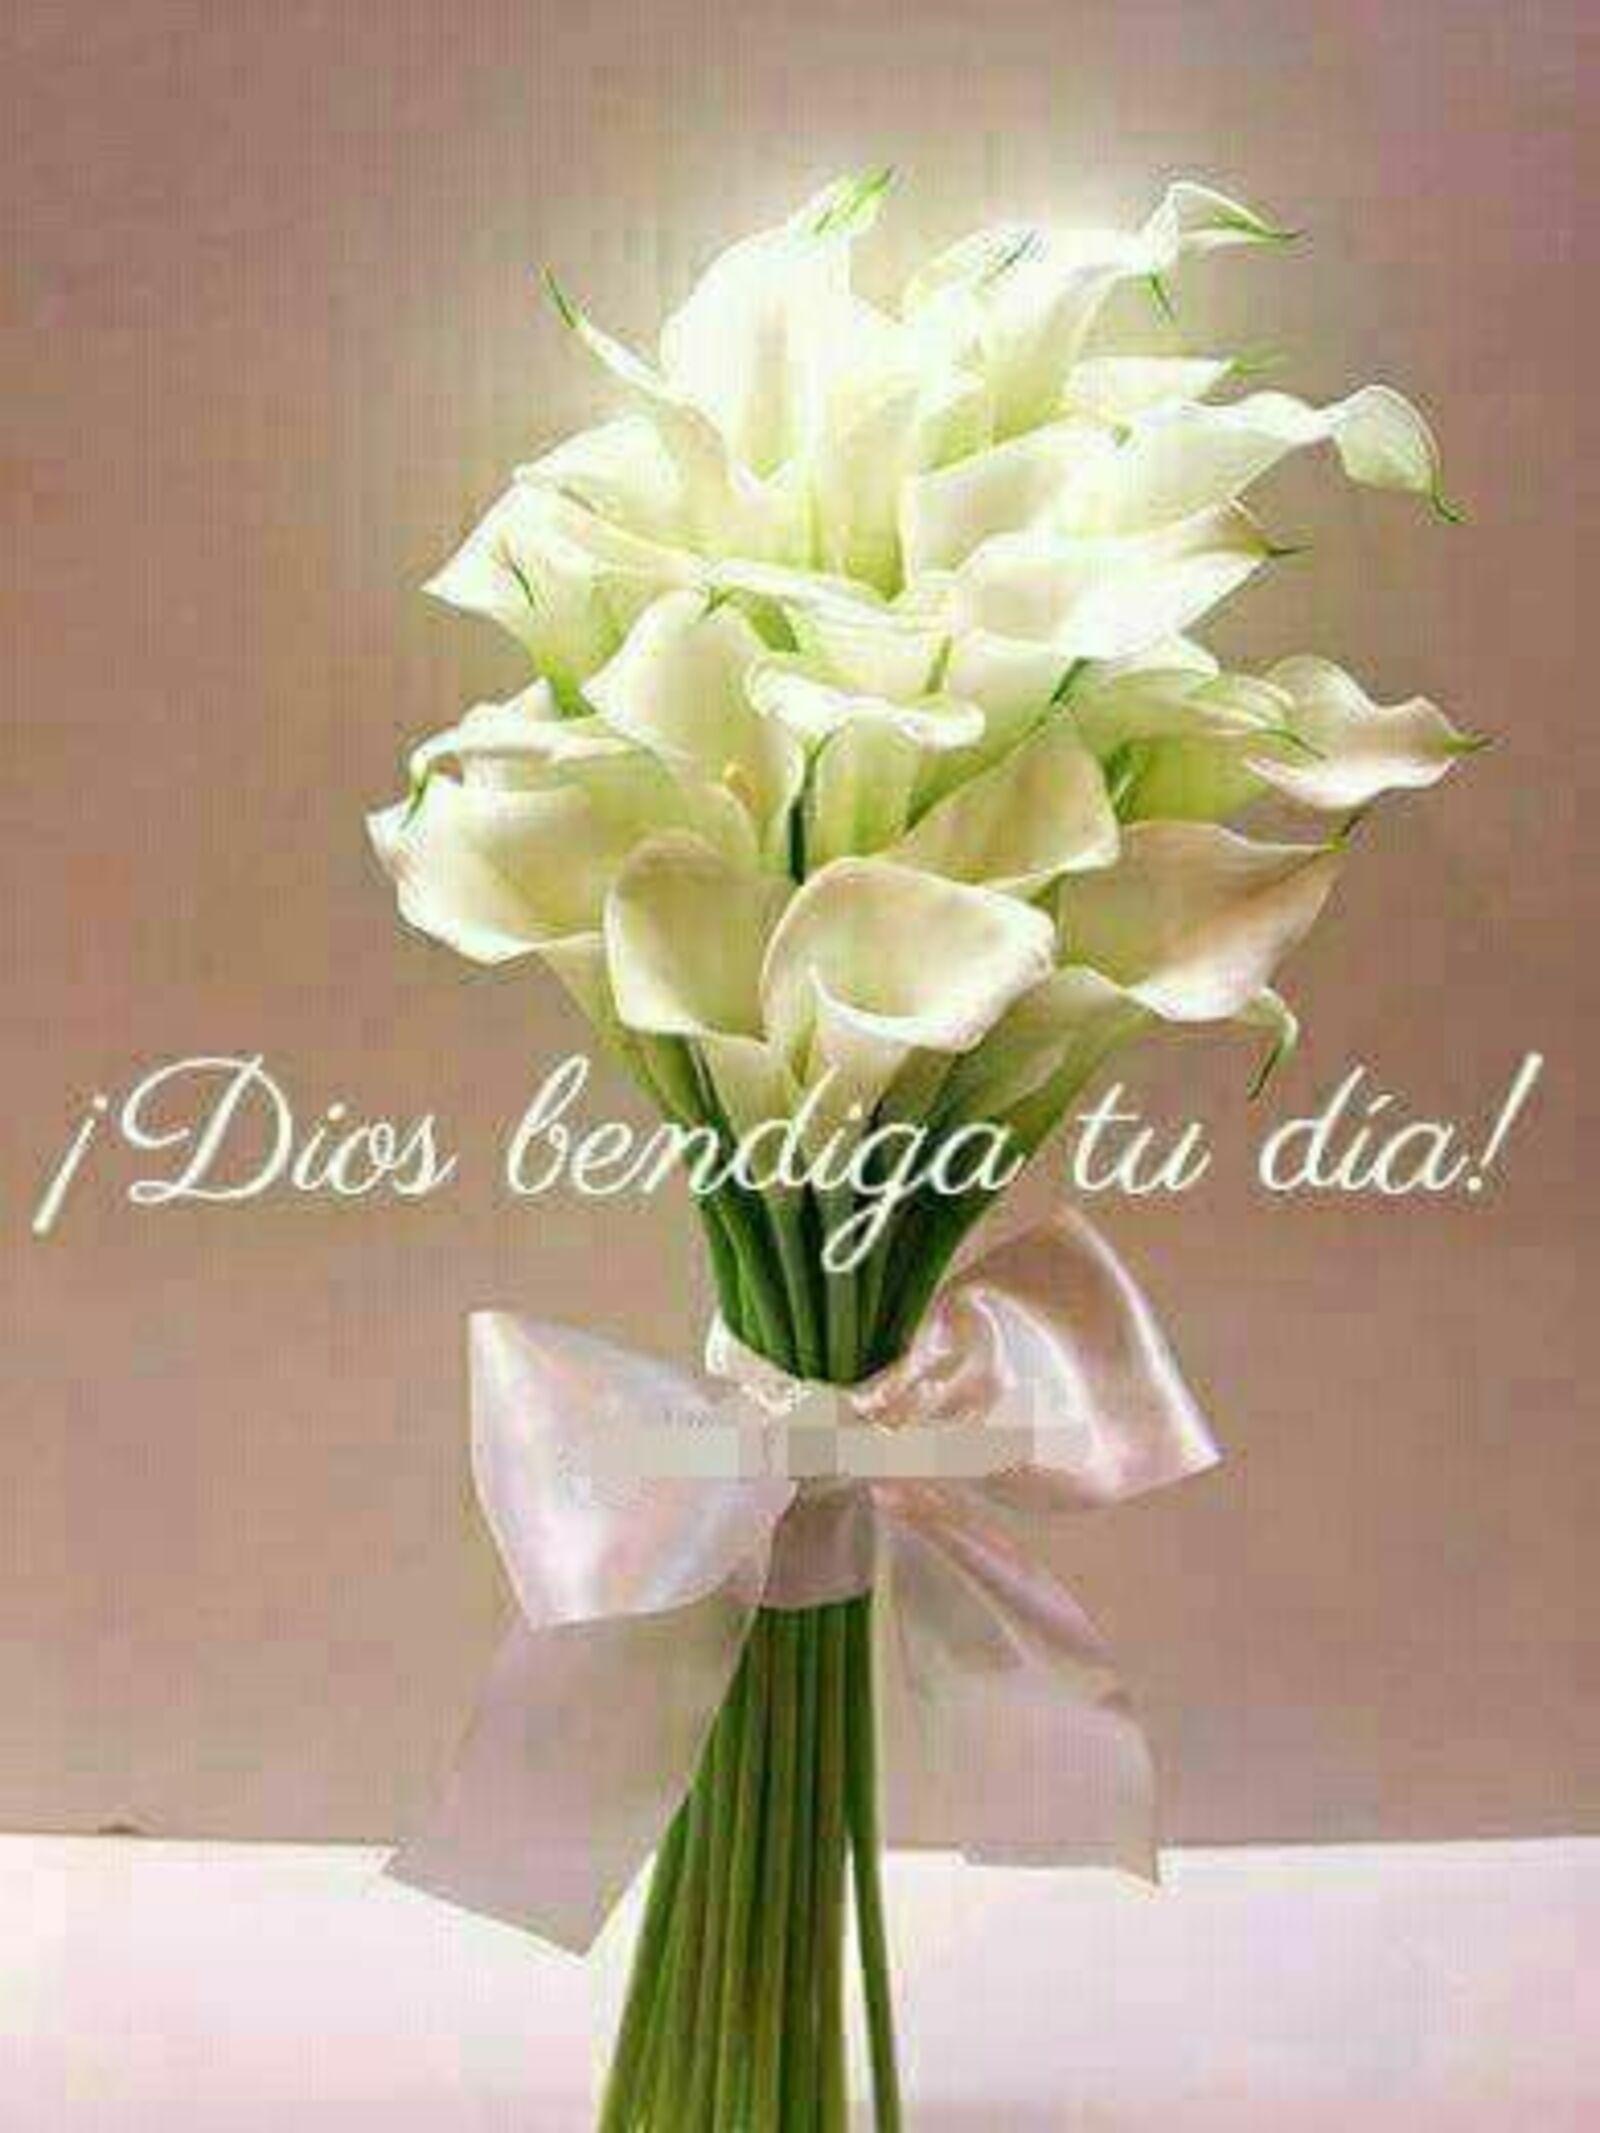 ¡Dios bendiga tu día!